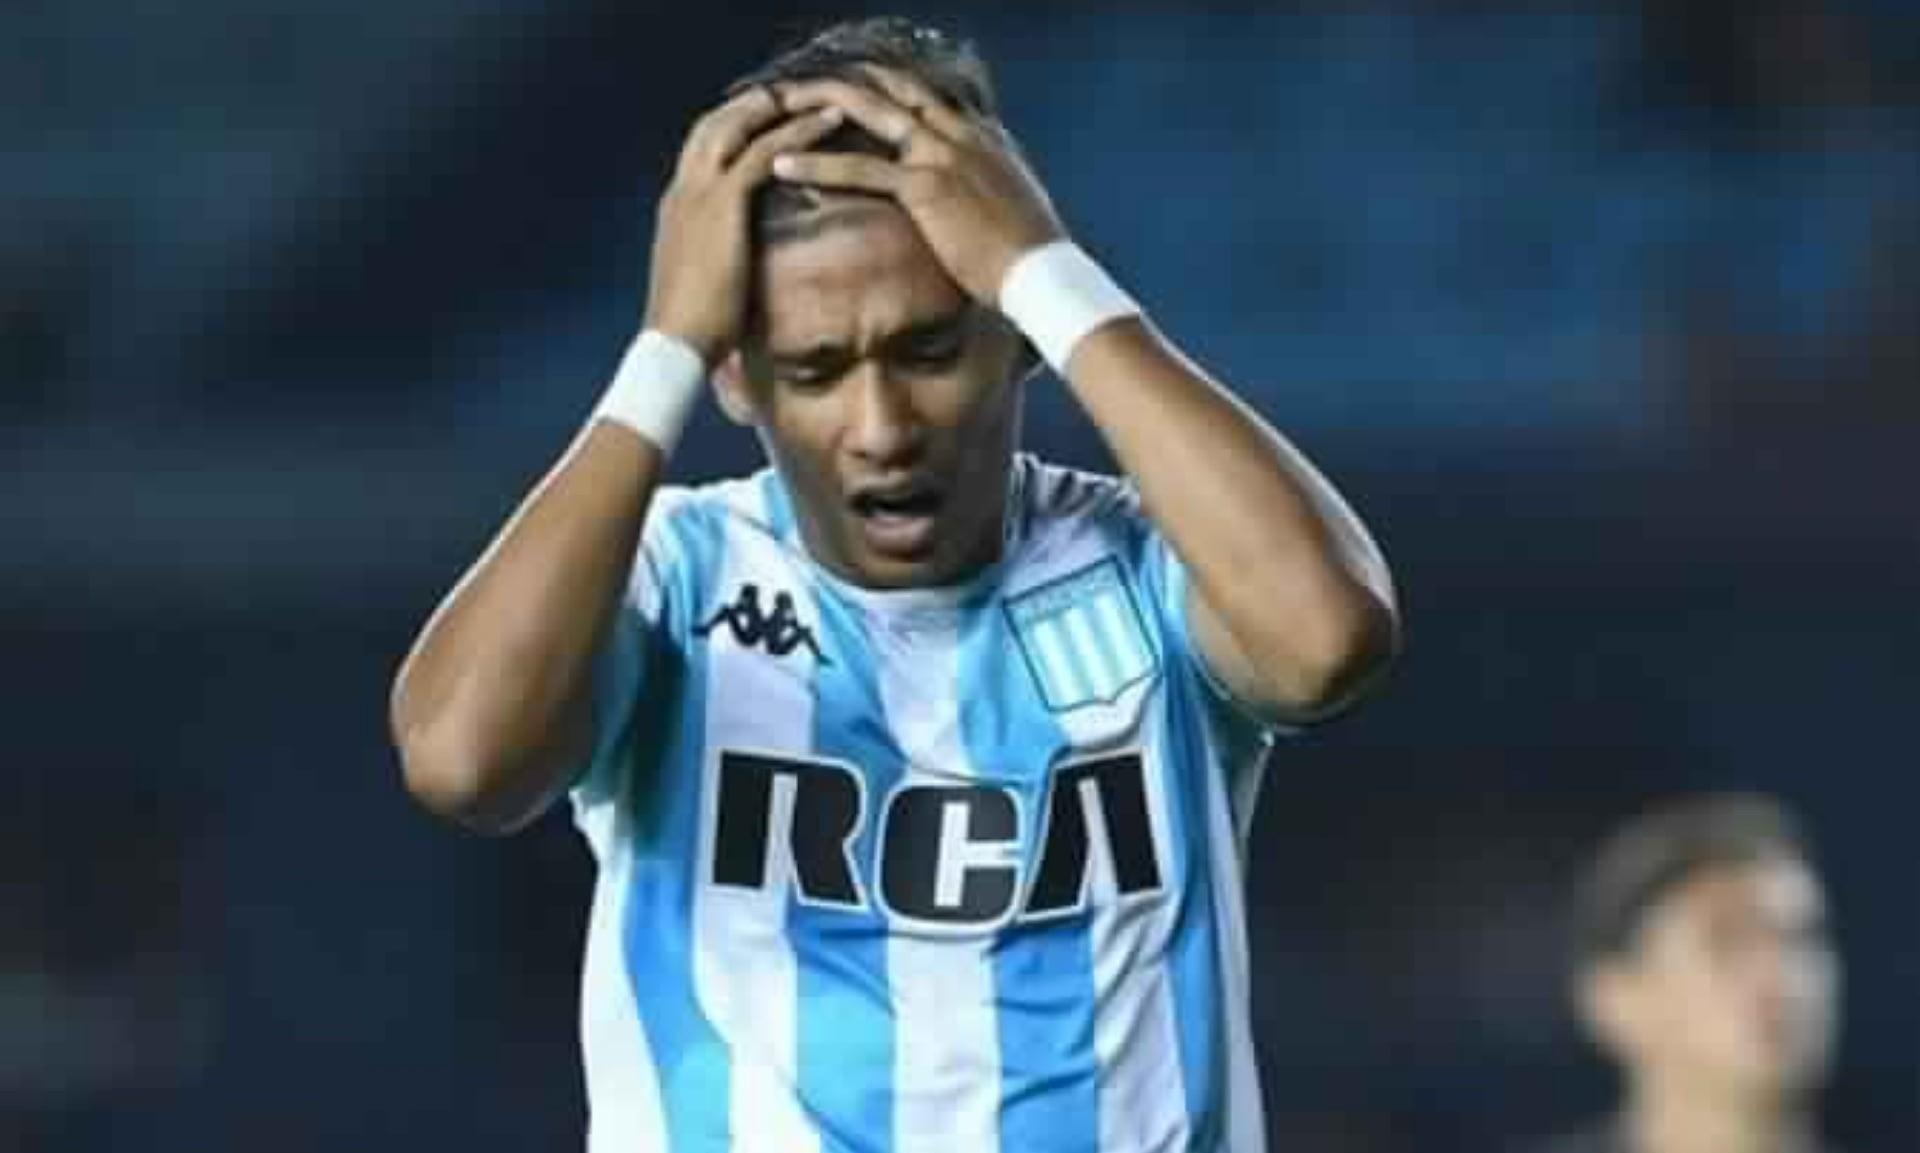 O Zaracho se vai para o Atlético Mineiro